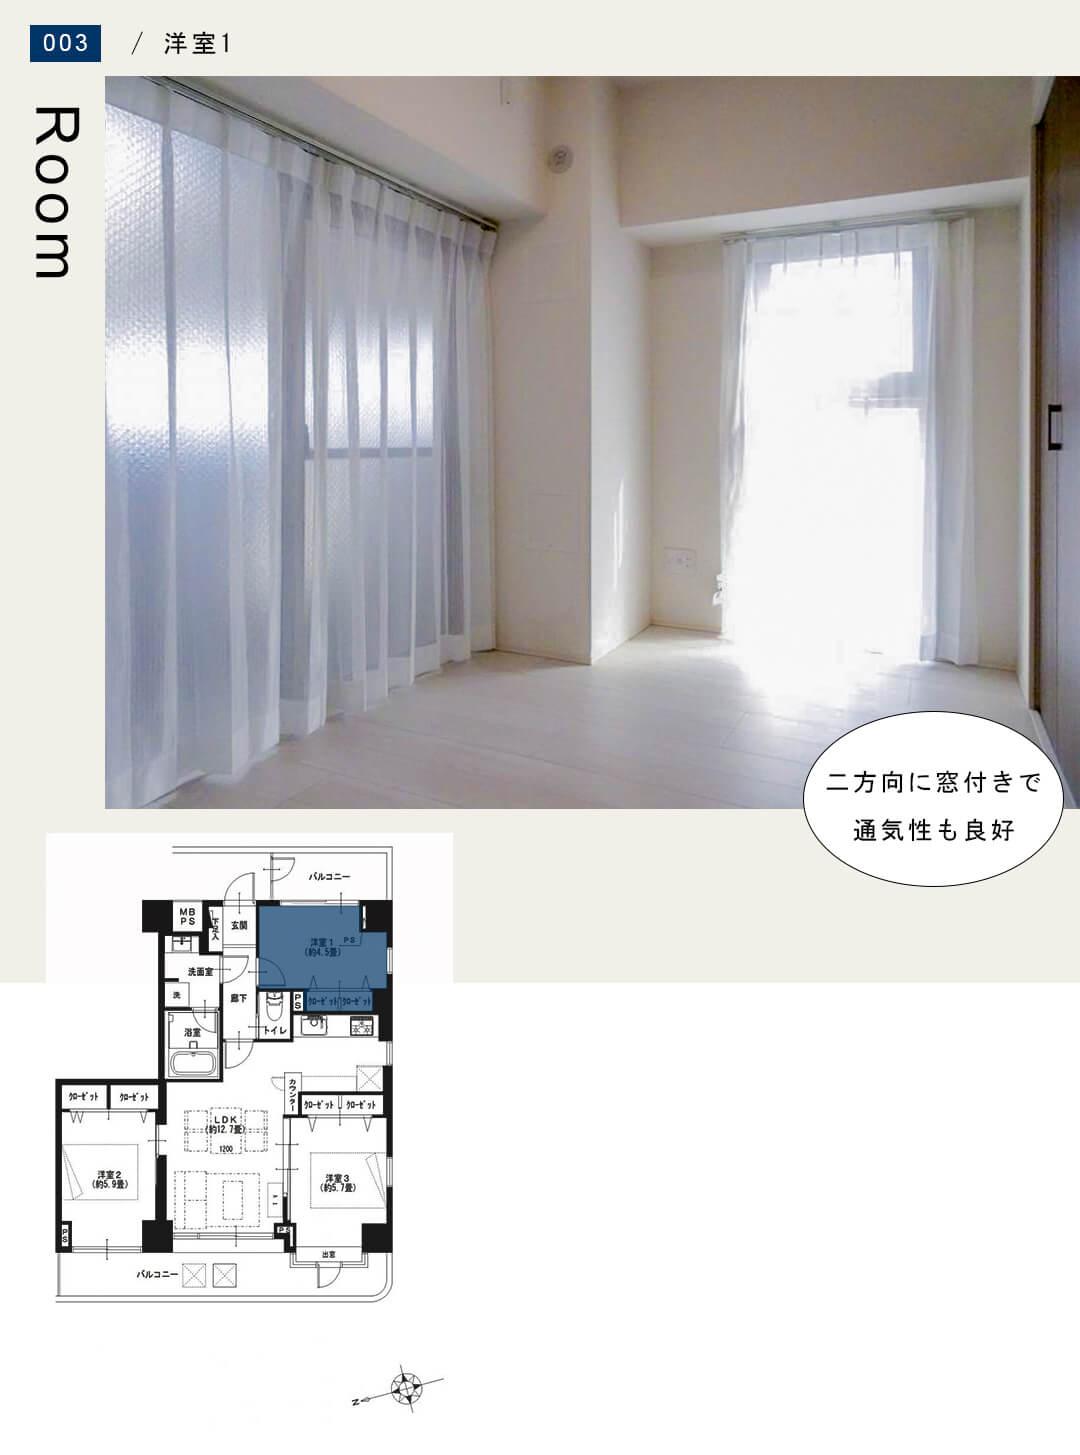 ルリエ横浜宮川町の洋室1